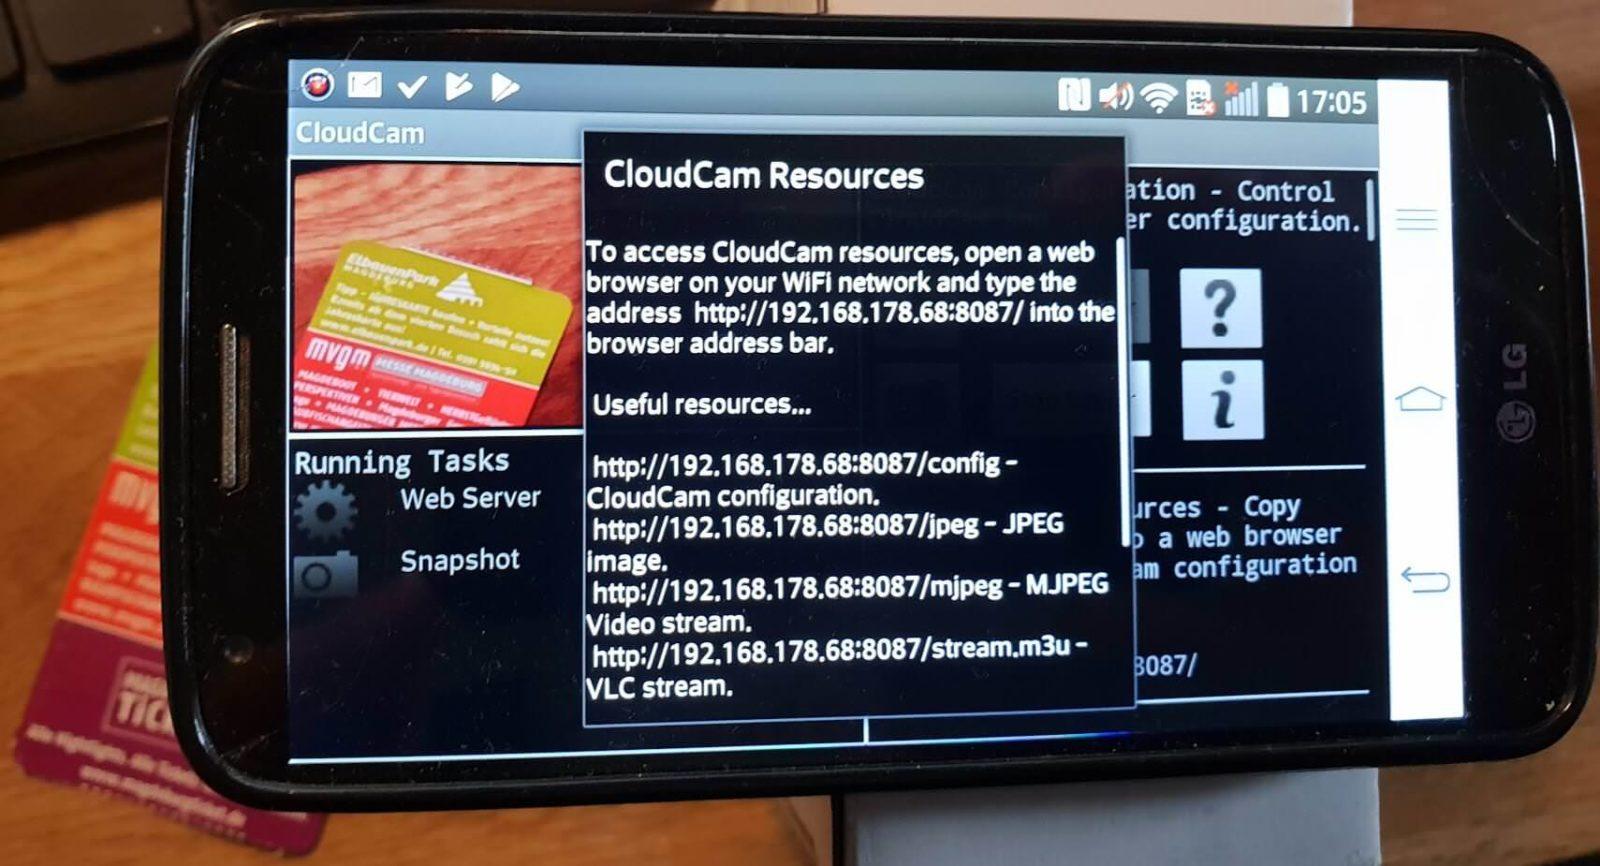 Der Server läuft und sendet alle 30 Sekunden ein Bild via FTP